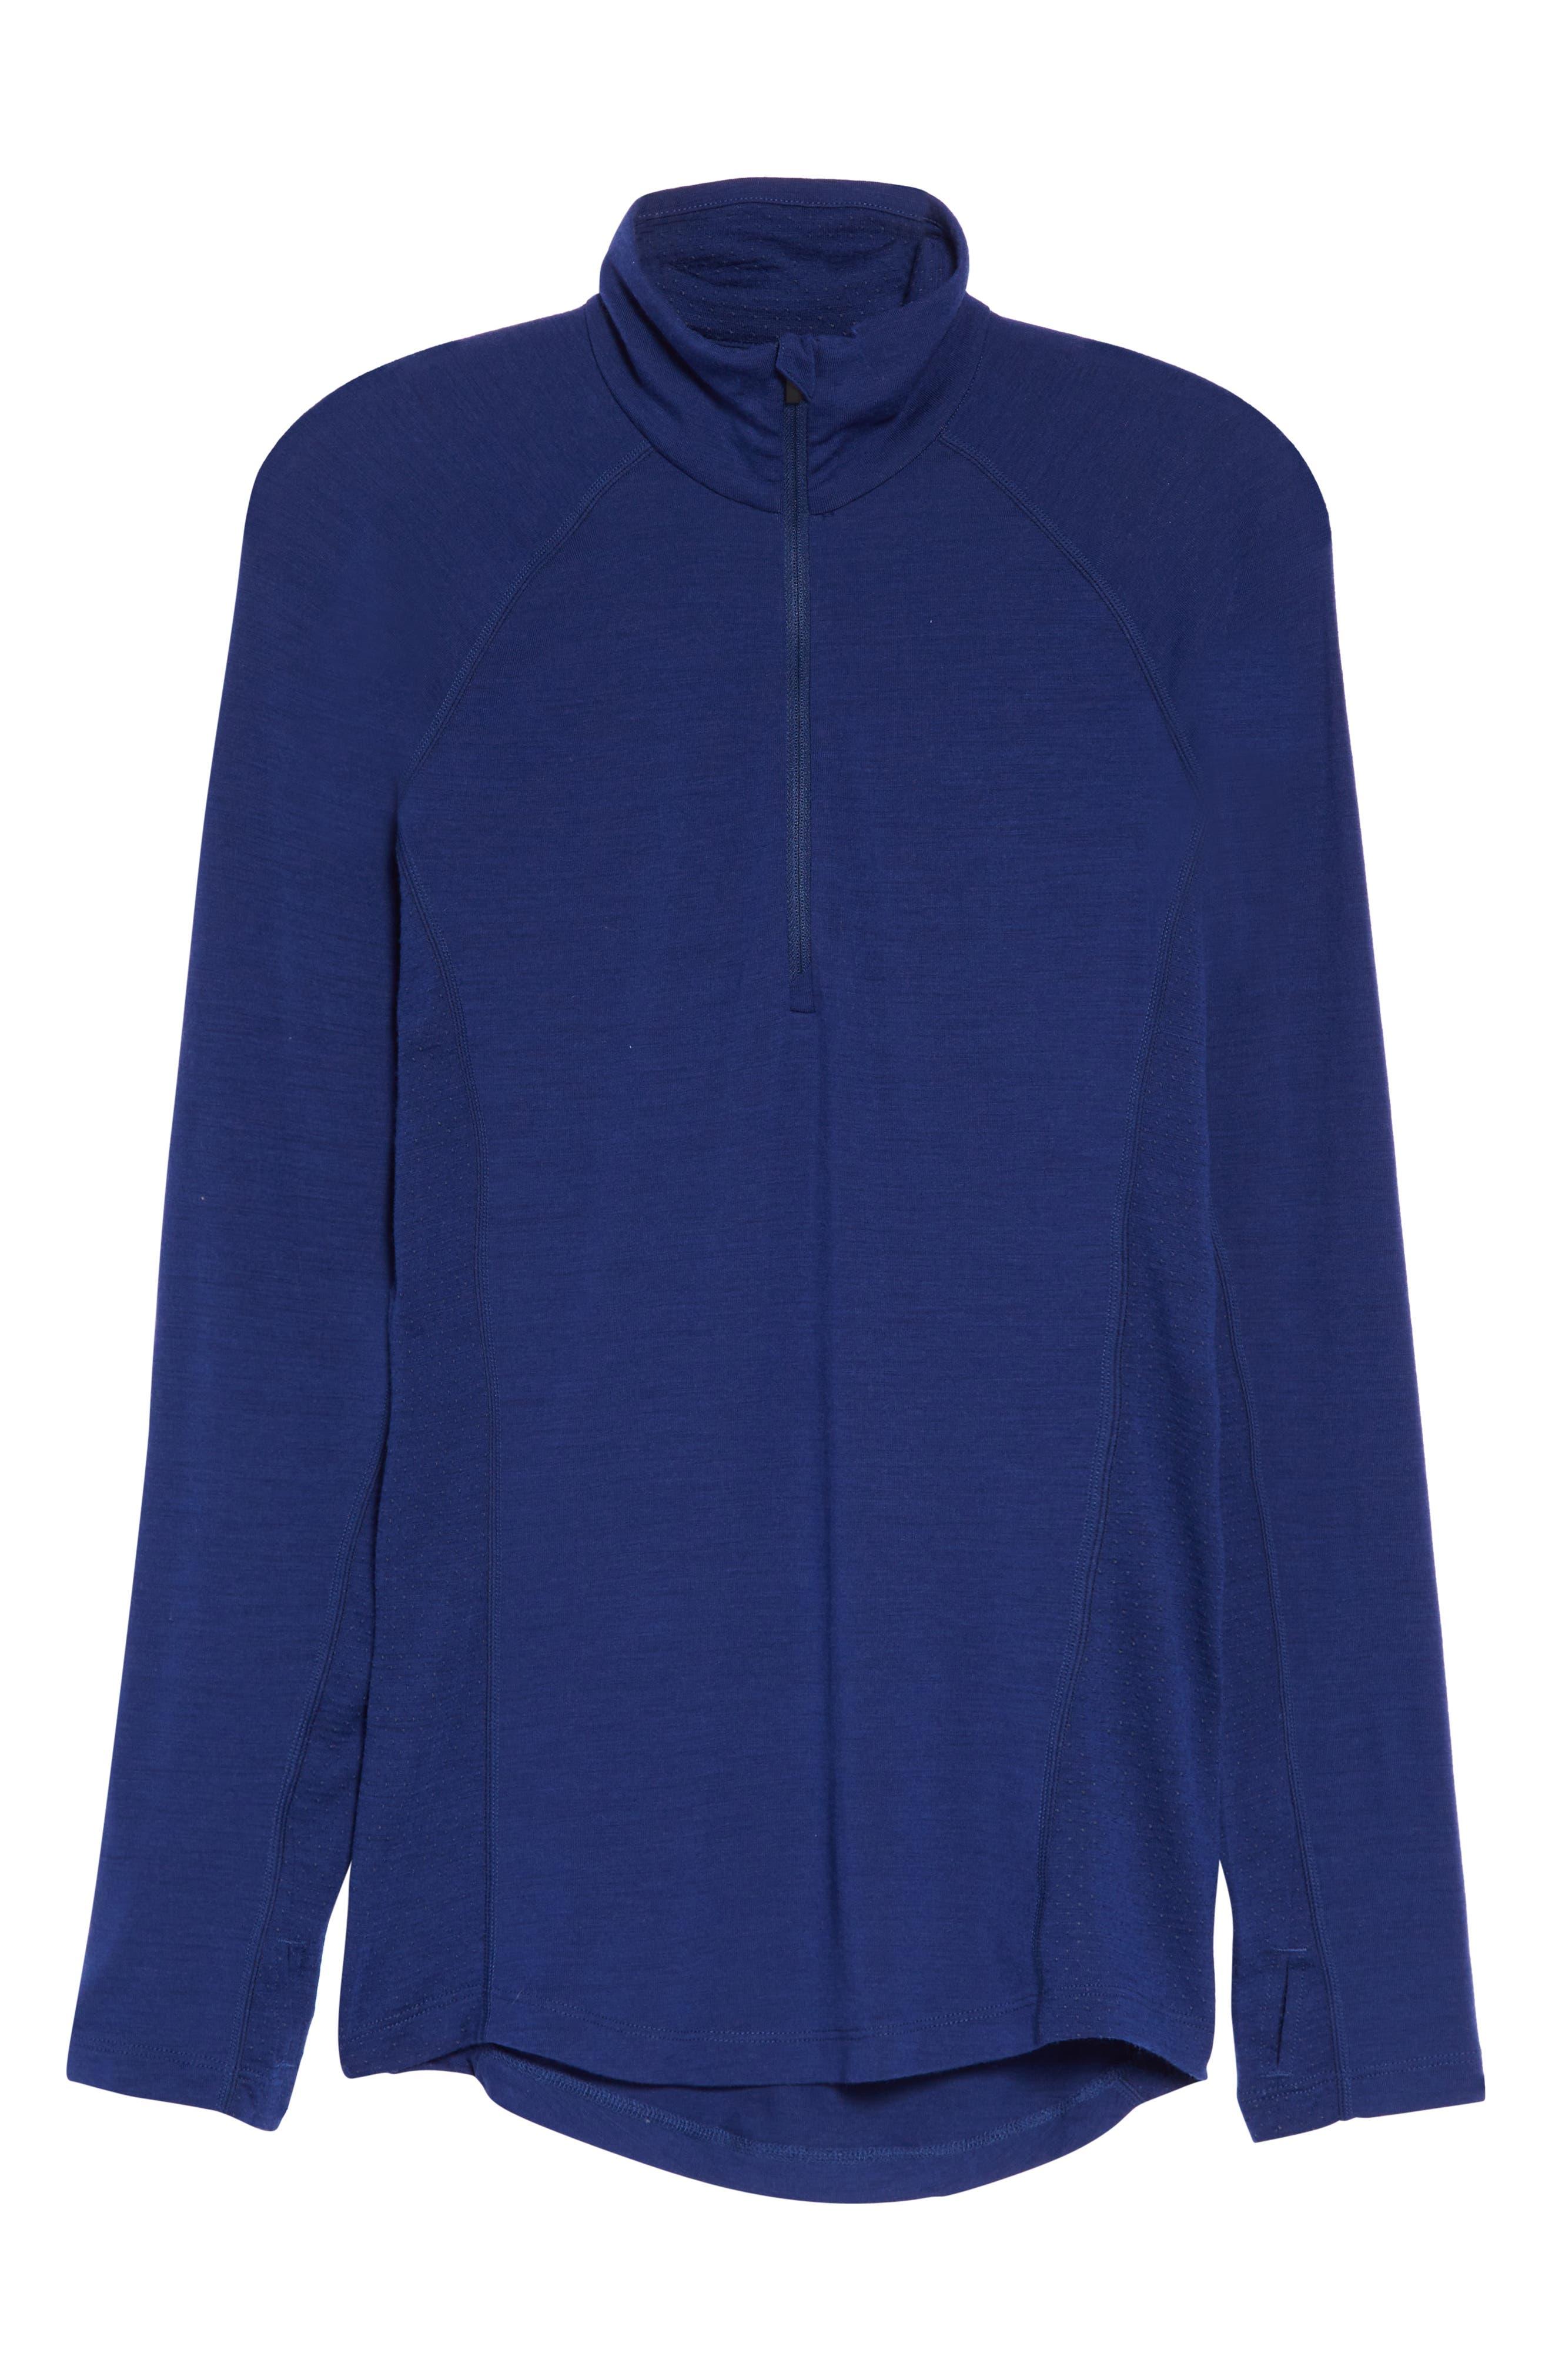 150 Zone Half Zip Pullover